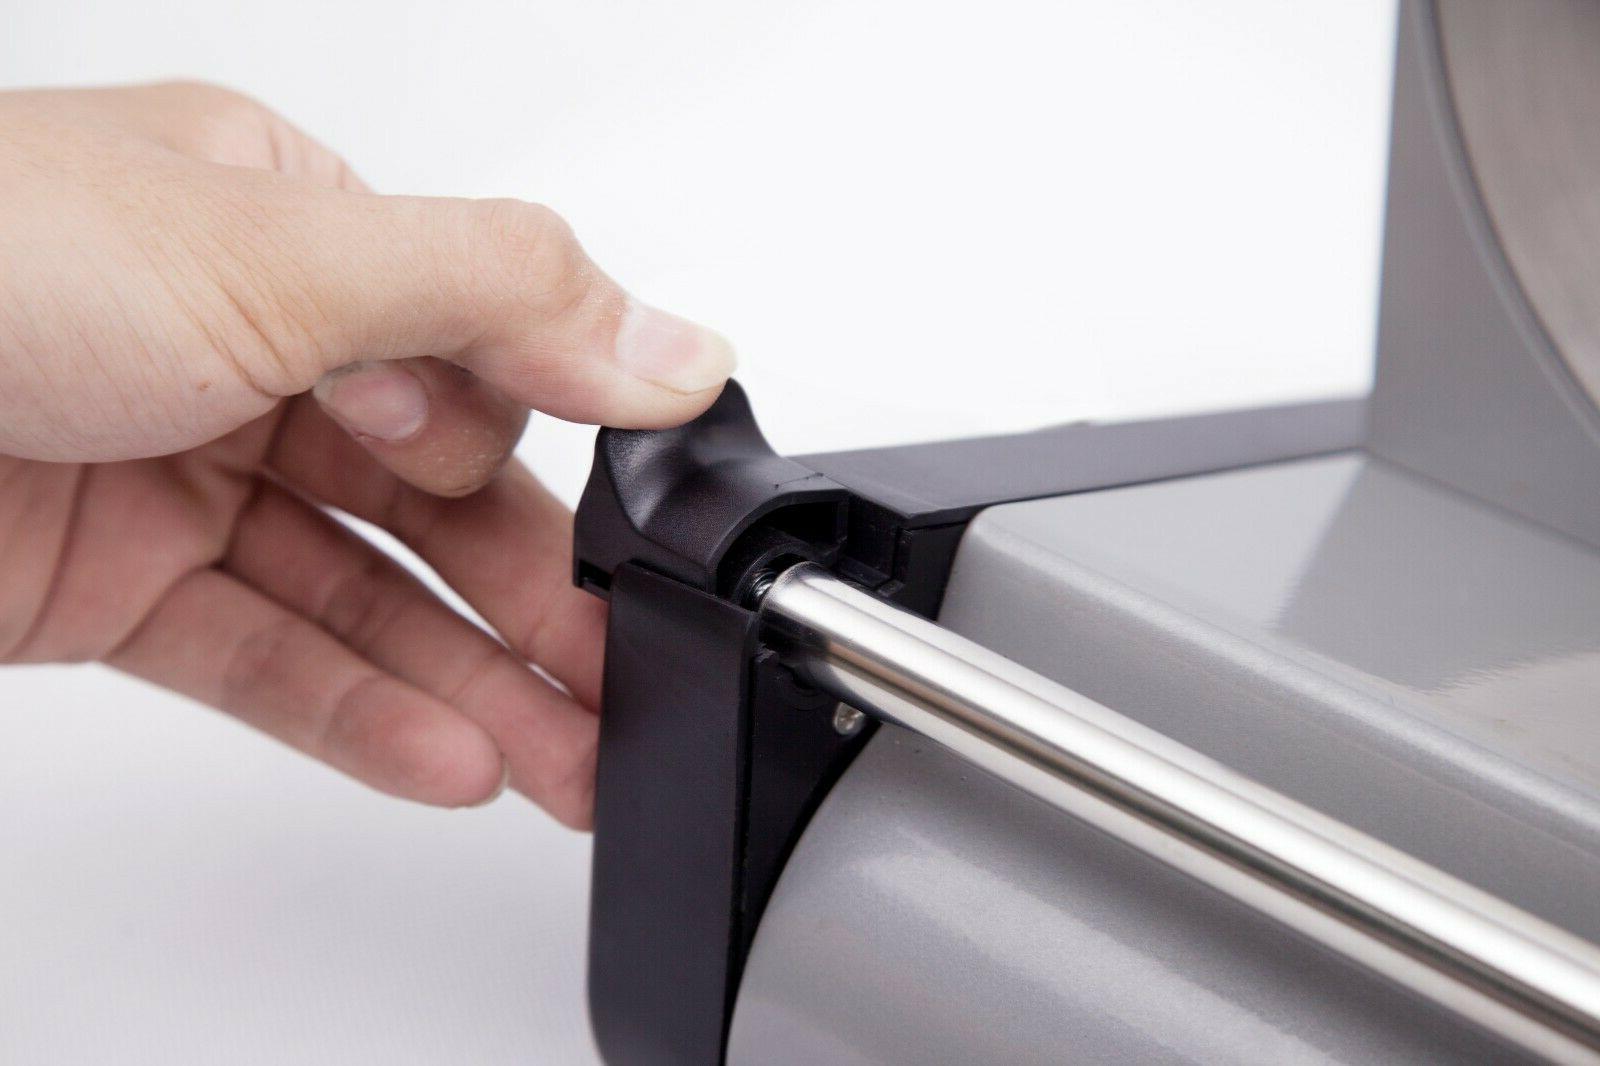 Brand KMK Heavy Electric Slicer